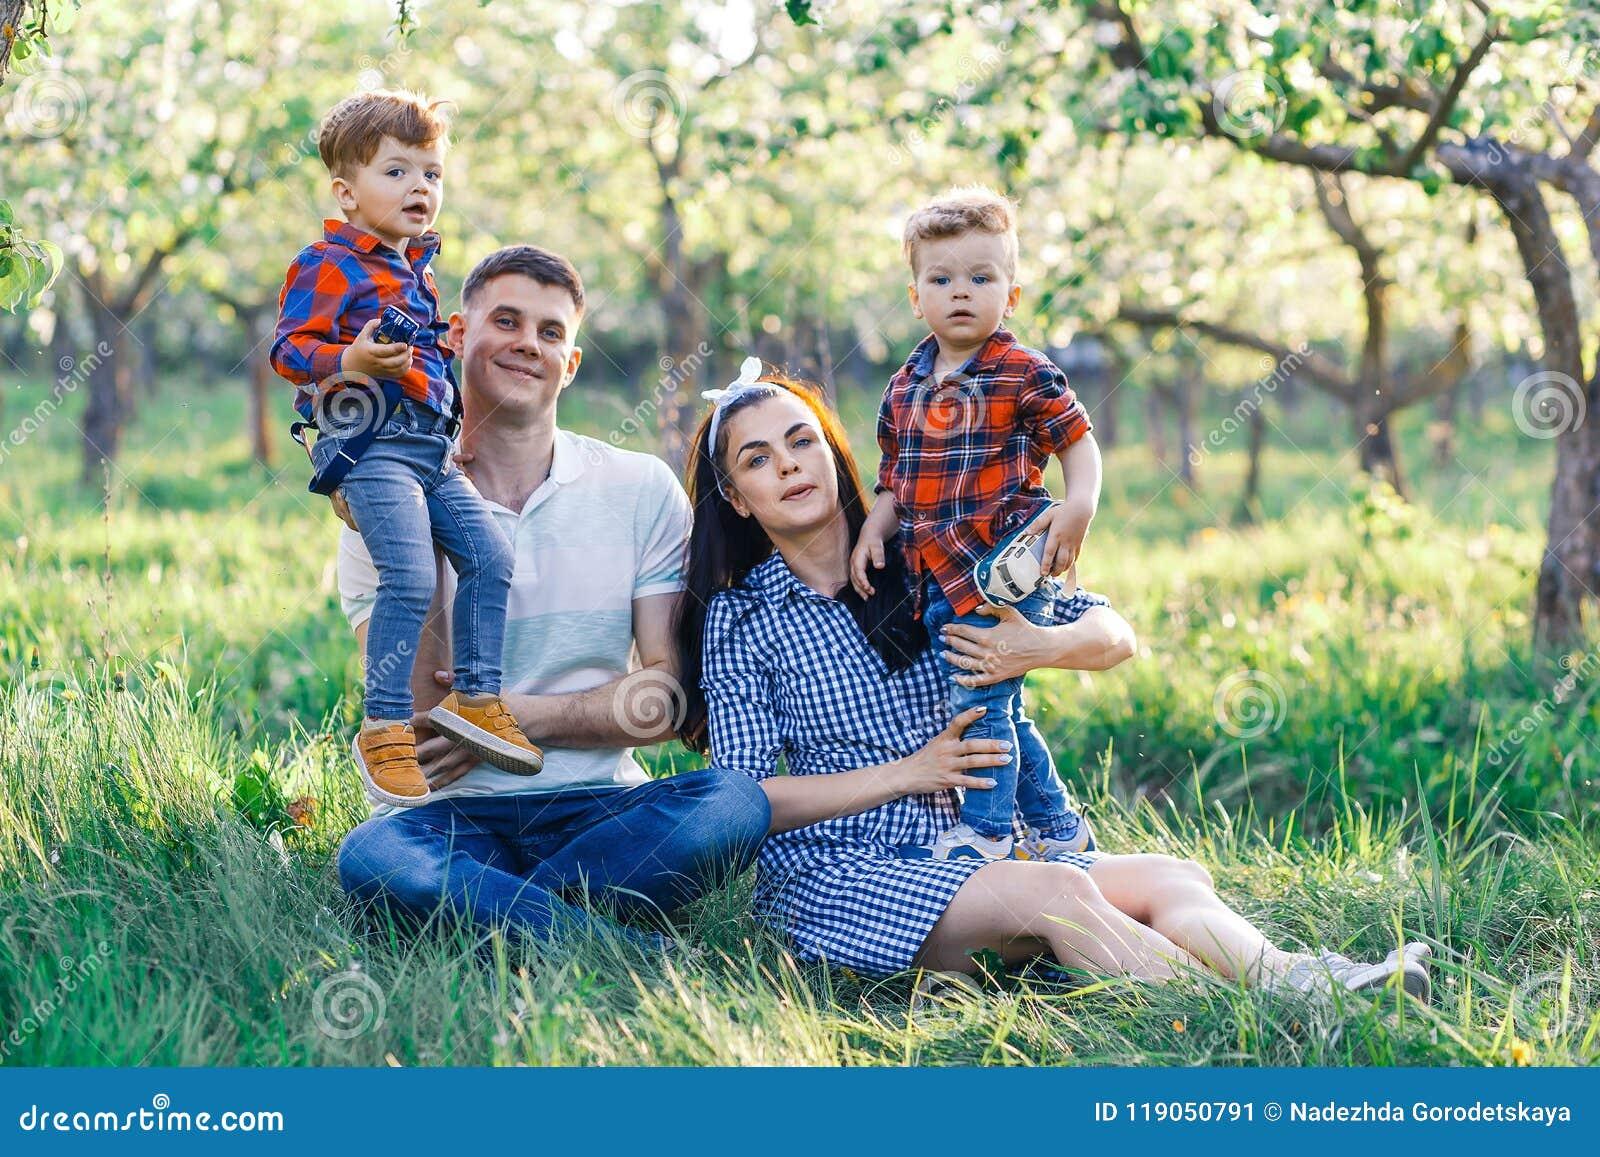 Ευτυχής νέος χρόνος οικογενειακών εξόδων μαζί έξω στην πράσινη φύση Γονείς που παίζουν με τα δίδυμα έξω